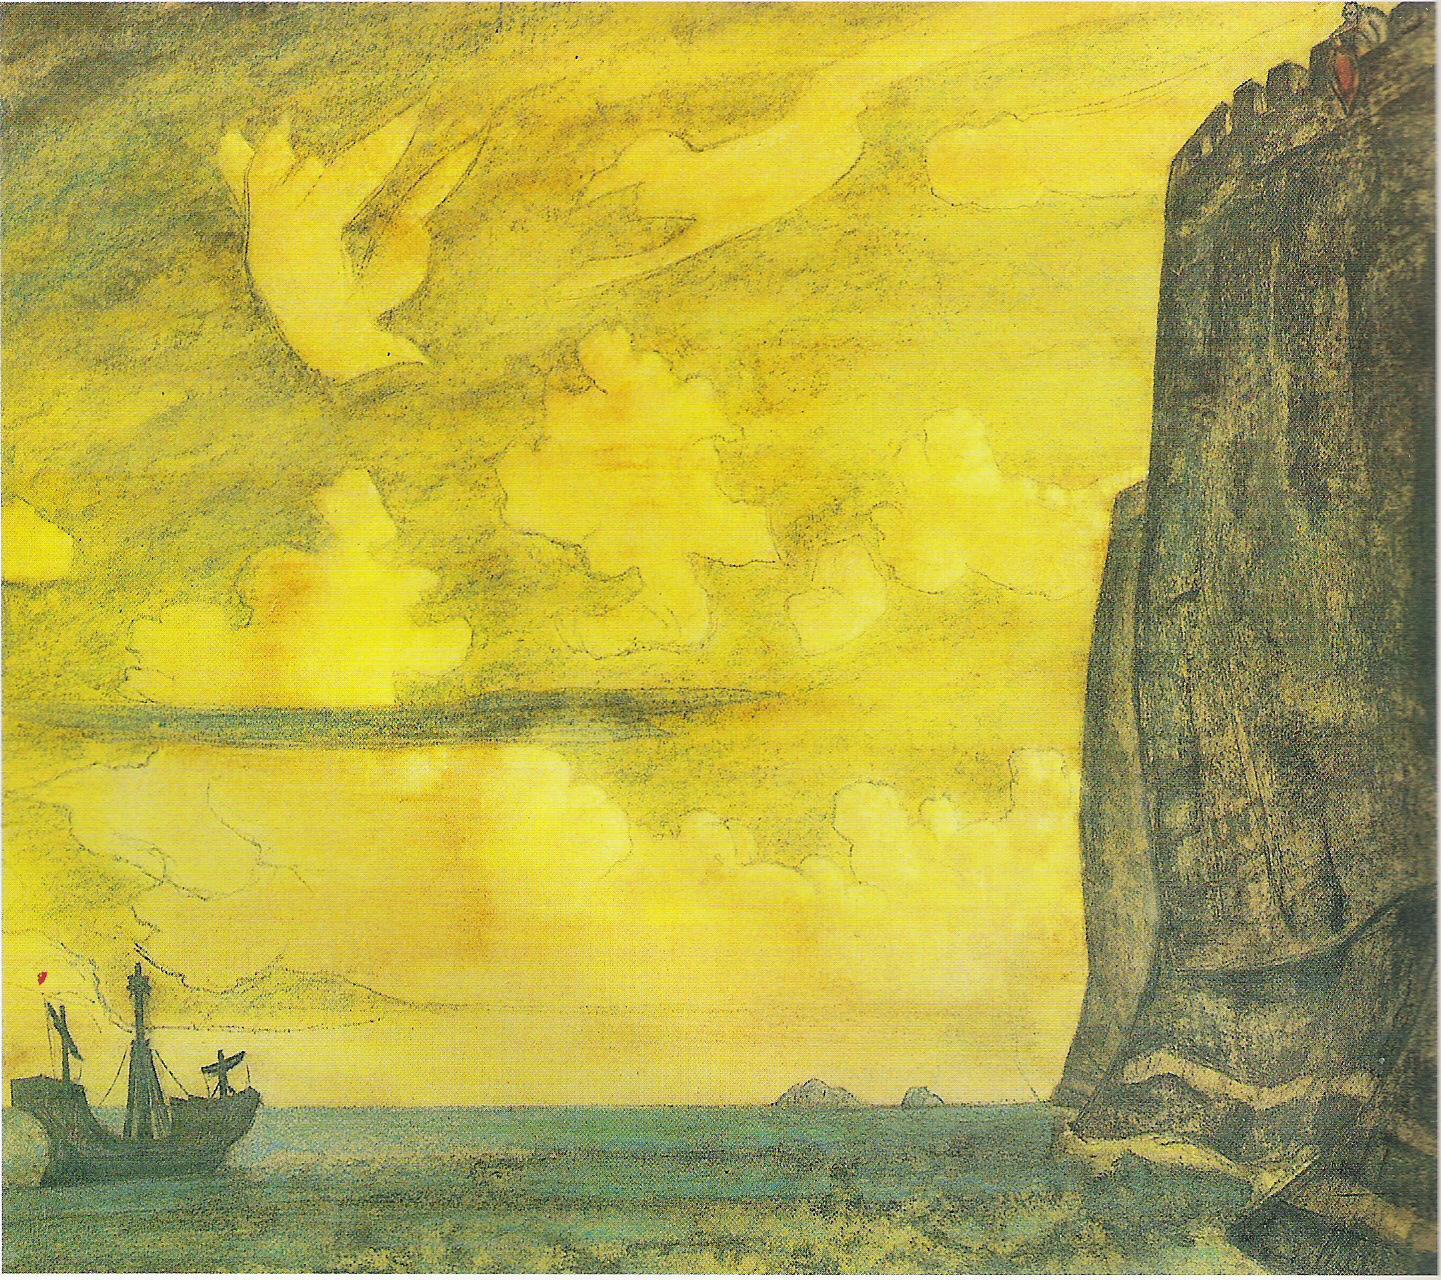 Le Messager-1914-Charbon et Pastel sur carton-75x88,9cm-Musée Russe Saint Pétersbourg